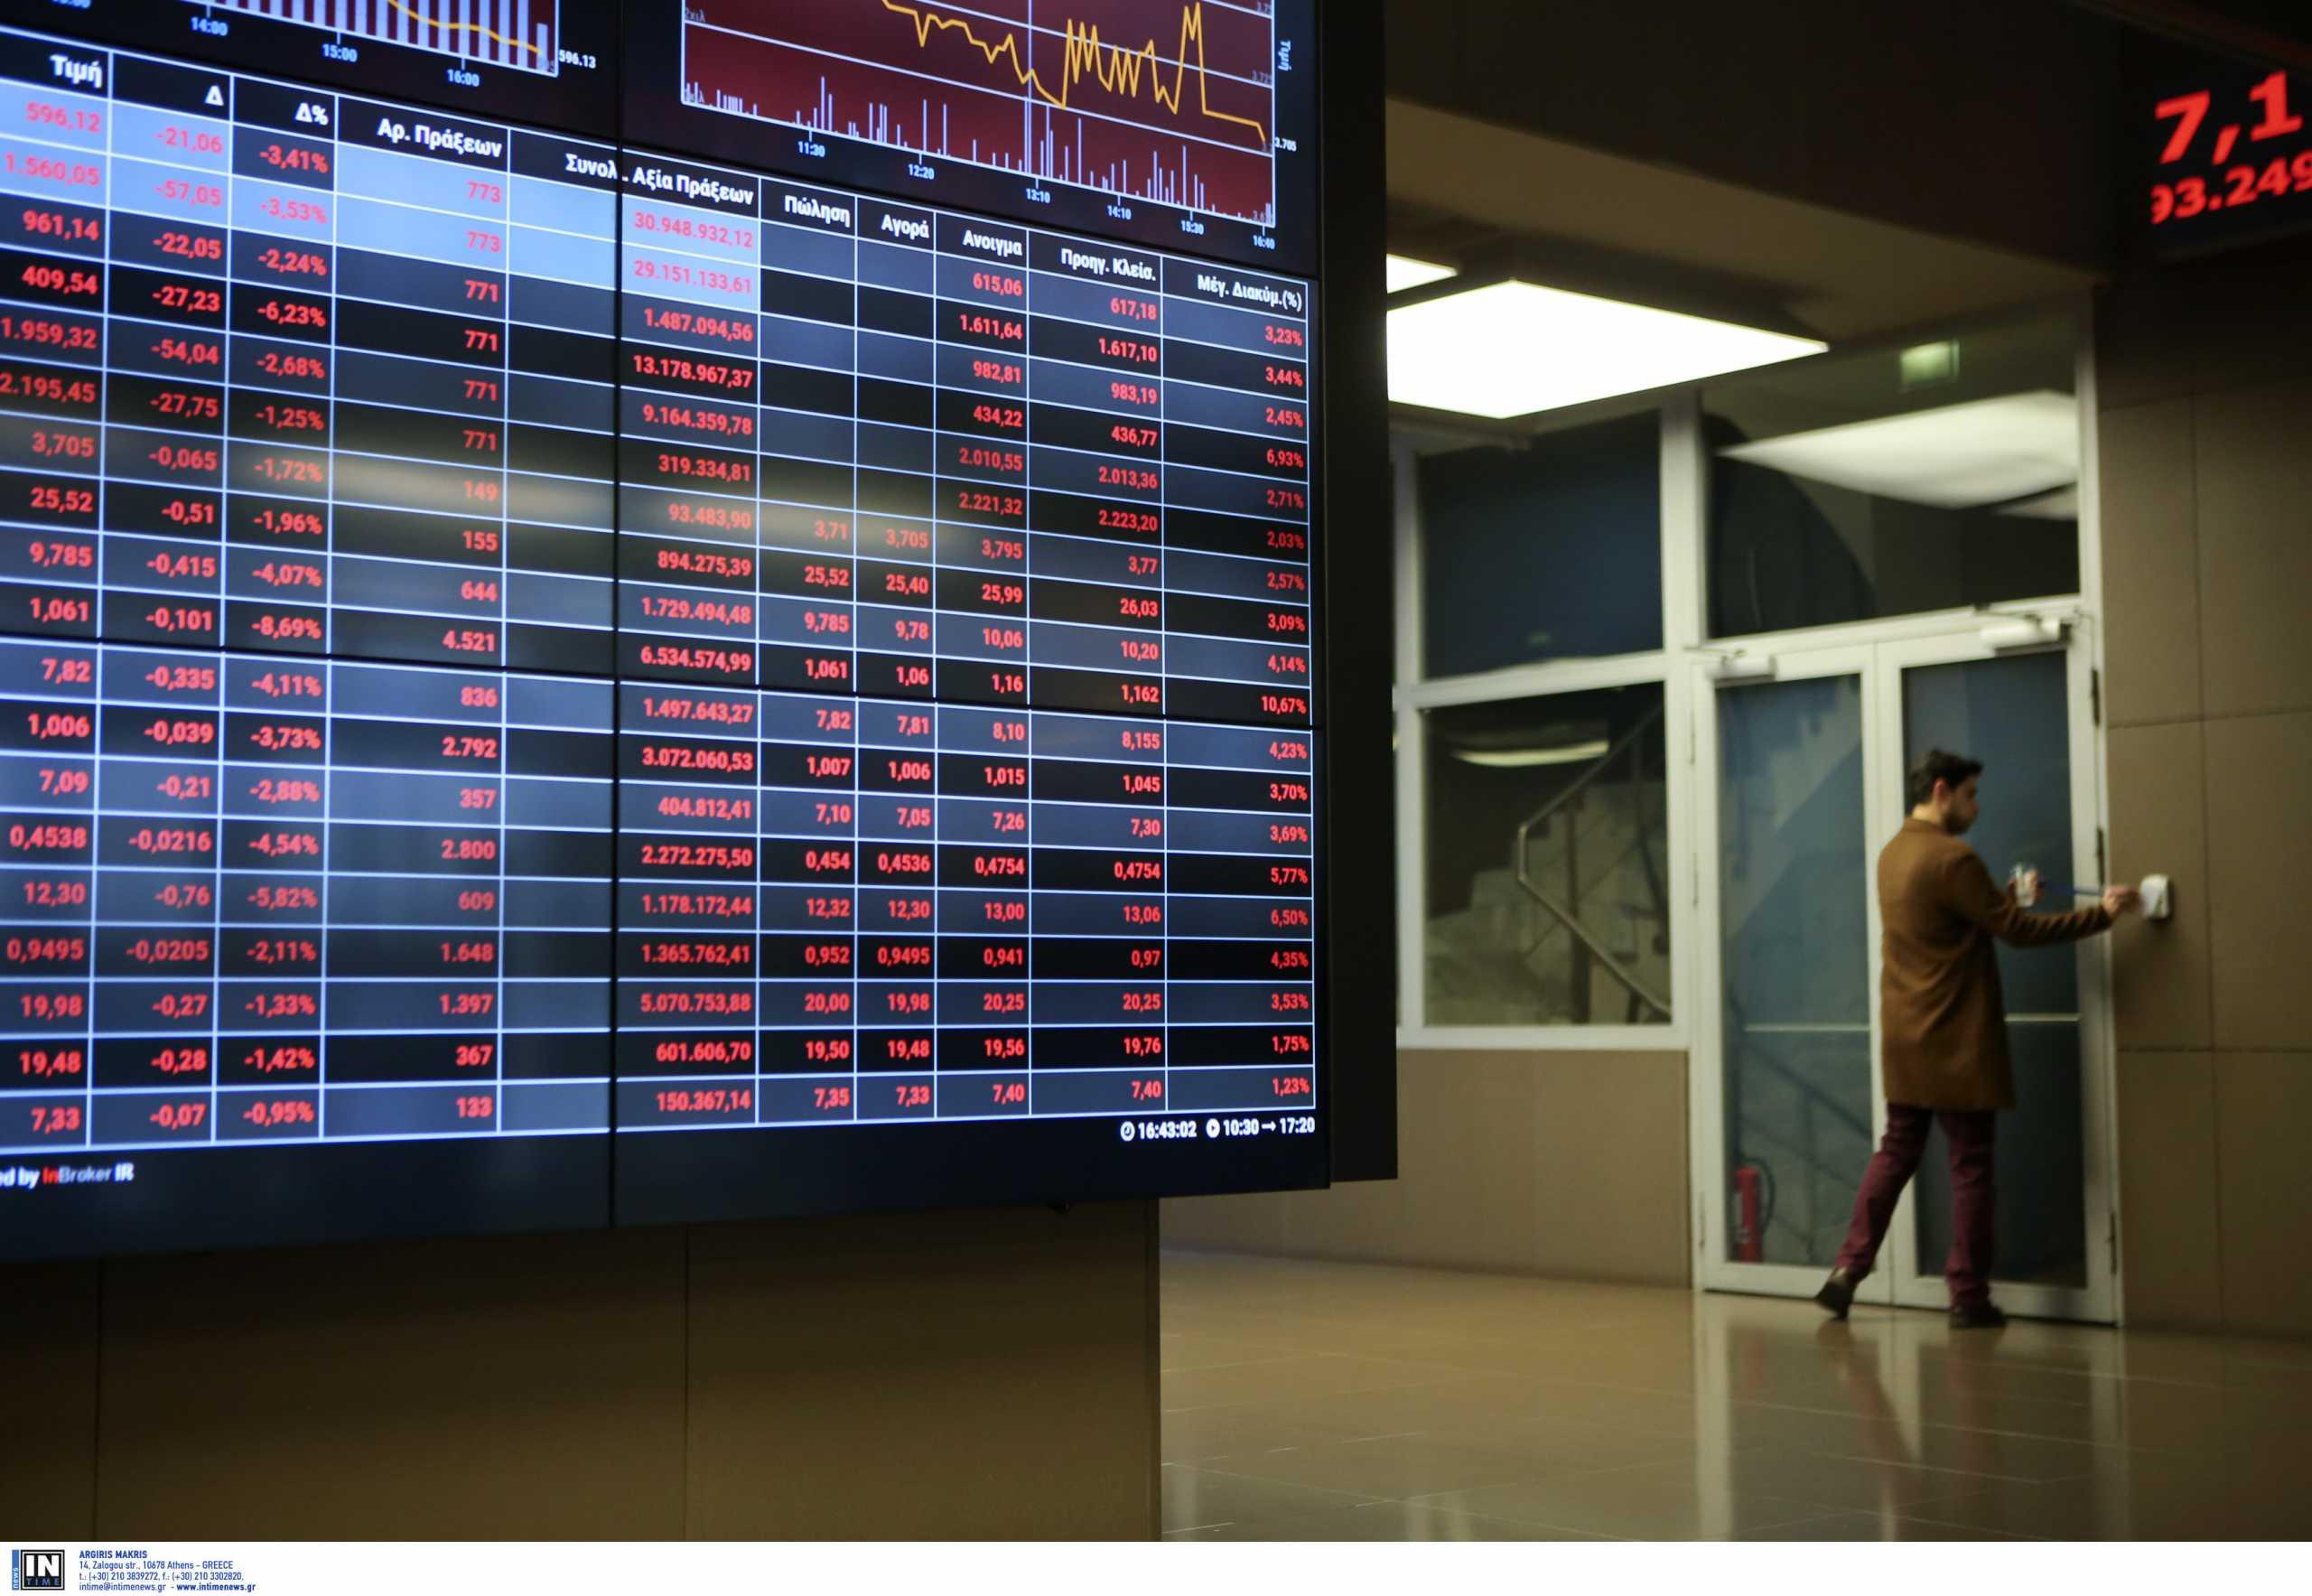 Εβδομαδιαία πτώση 1,97% στο Χρηματιστήριο Αθηνών